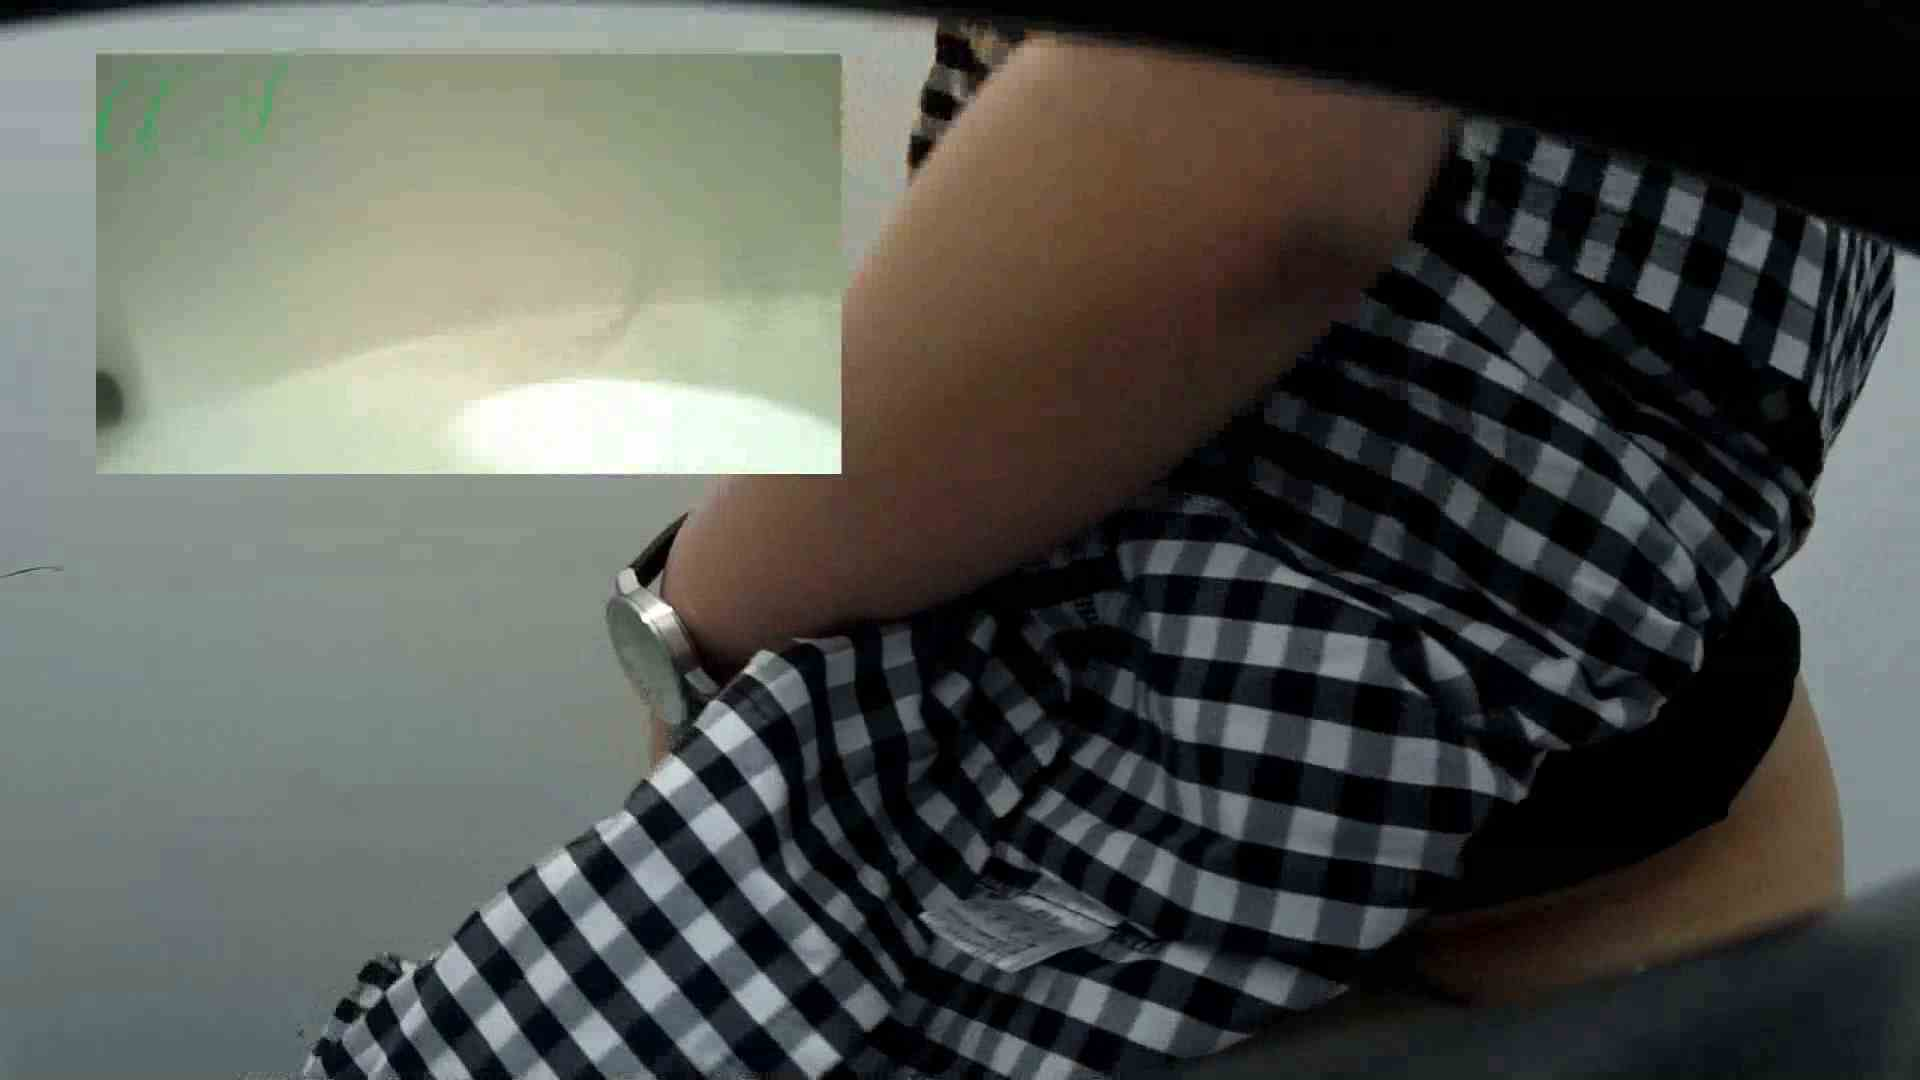 有名大学女性洗面所 vol.67トイレの女神さま♪ 潜入 SEX無修正画像 108PICs 80